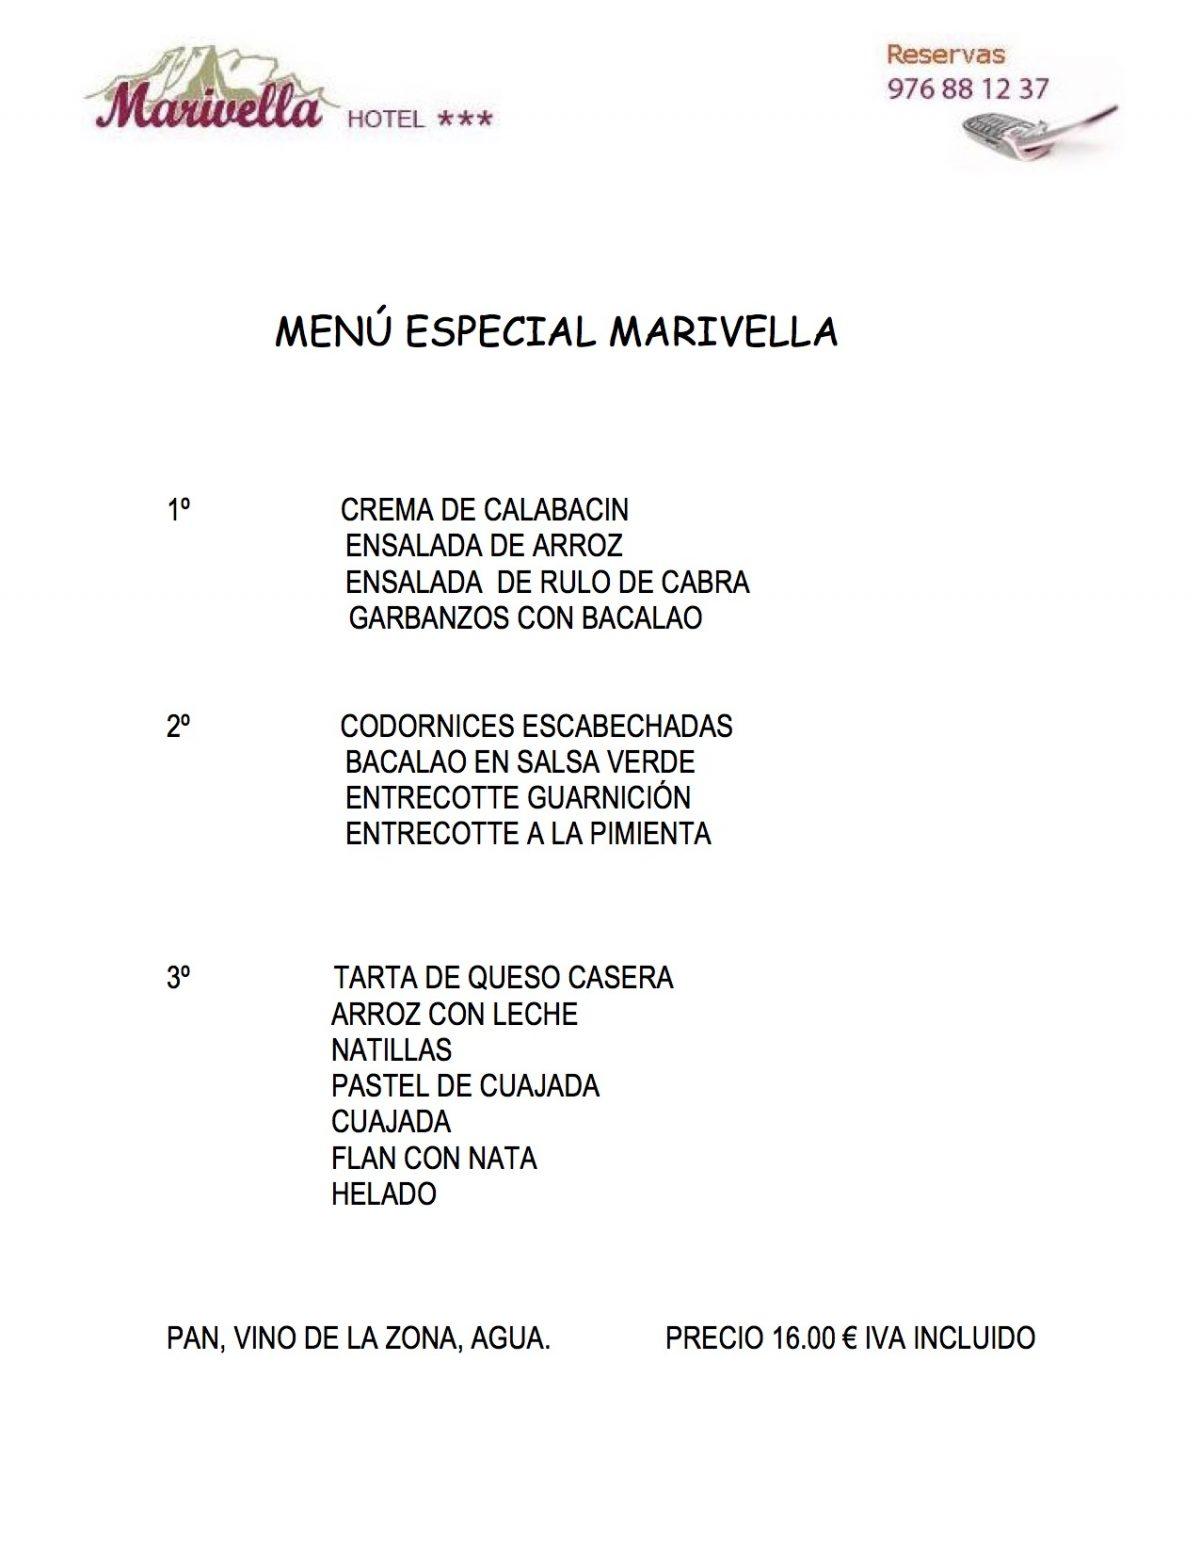 MENU-ESPECIAL-MARIVELLA-CON-CODORNIZ-250317-1200x1553.jpg